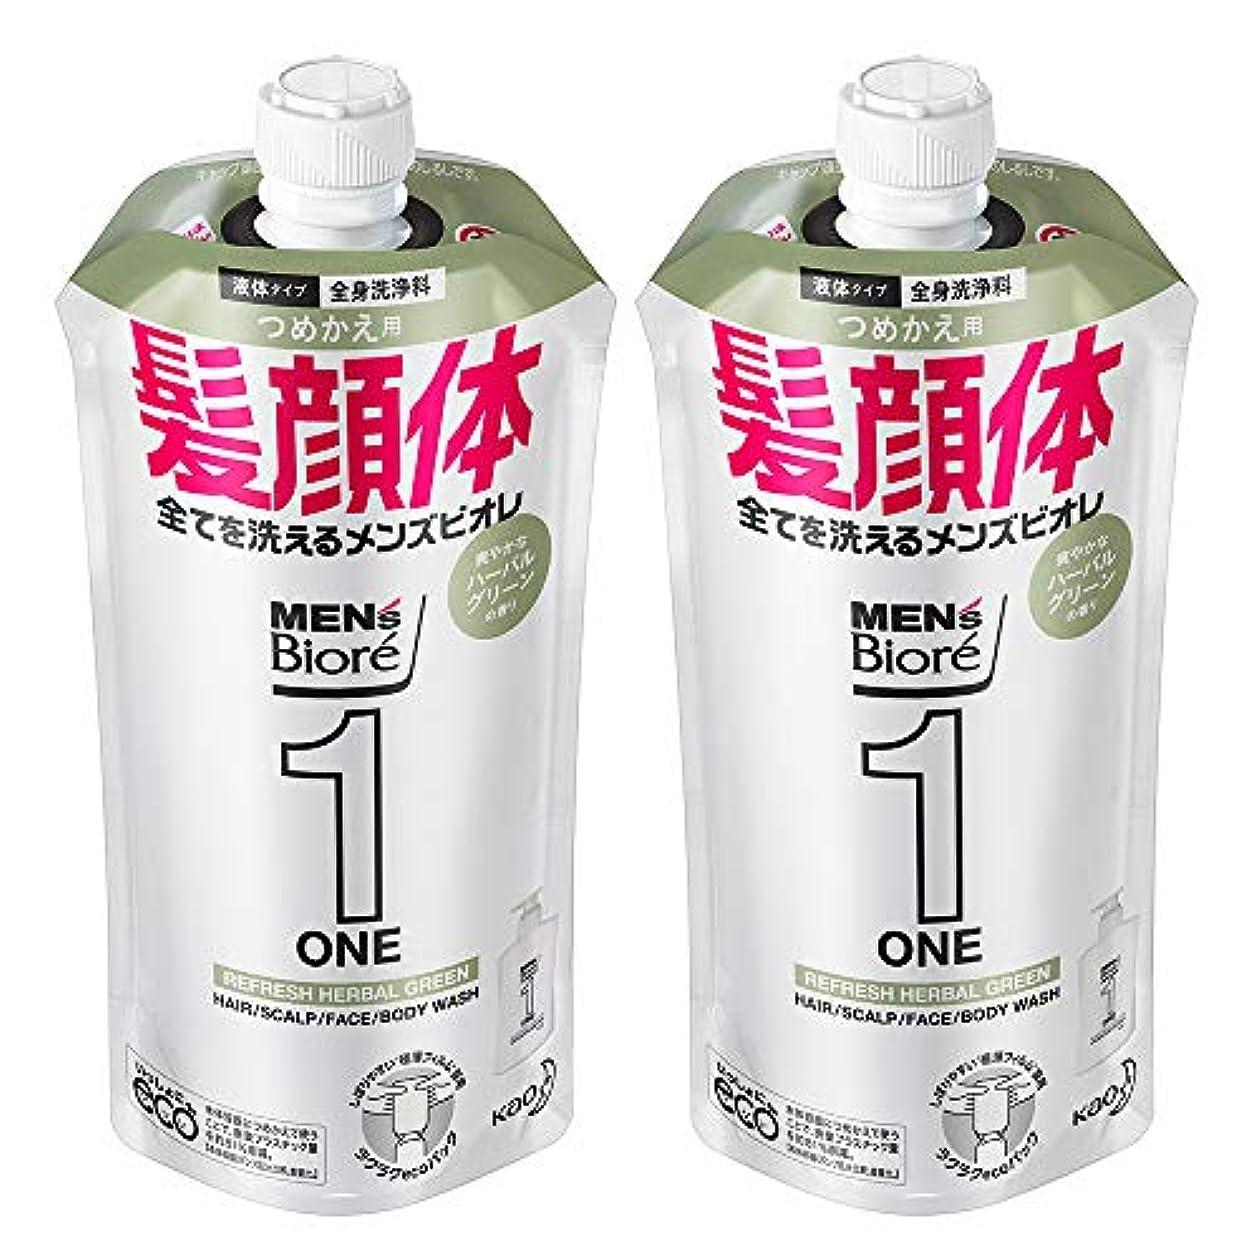 有毒な符号ビヨン【まとめ買い】メンズビオレ ONE オールインワン全身洗浄料 ハーバルグリーンの香り つめかえ用 340ml×2個